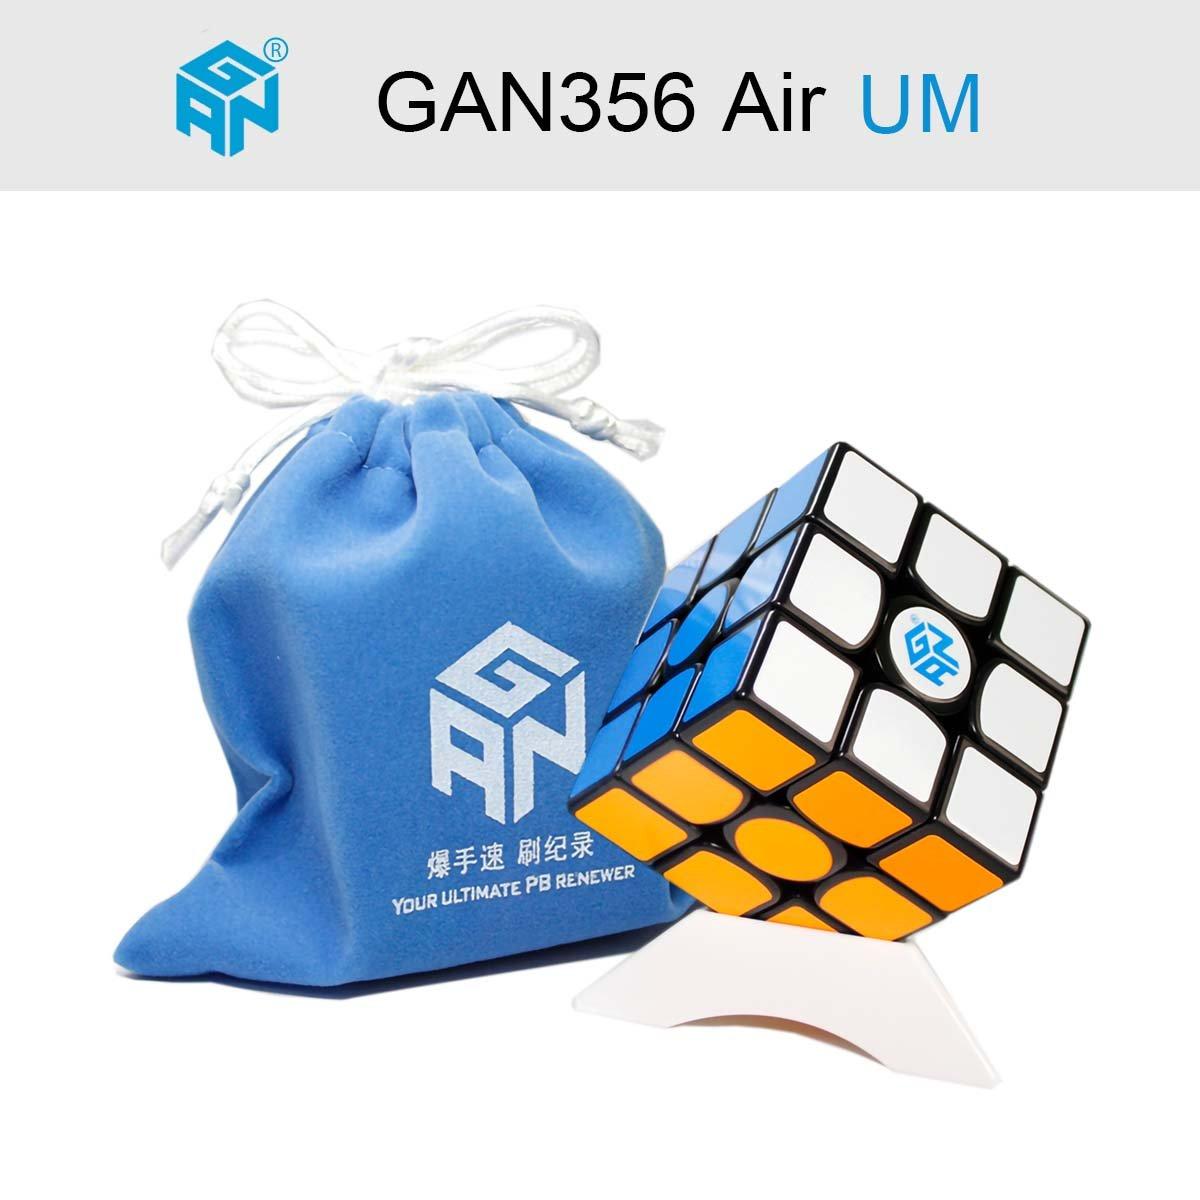 Gobus Ganspuzzle GAN356 Air UM Cubo mágico Cubo 3x3x3 de Velocidad Competencia Profesional Puzzle Cube con un Soporte de Cubo y una Bolsa de Cubo (GAN 356 Air UM)